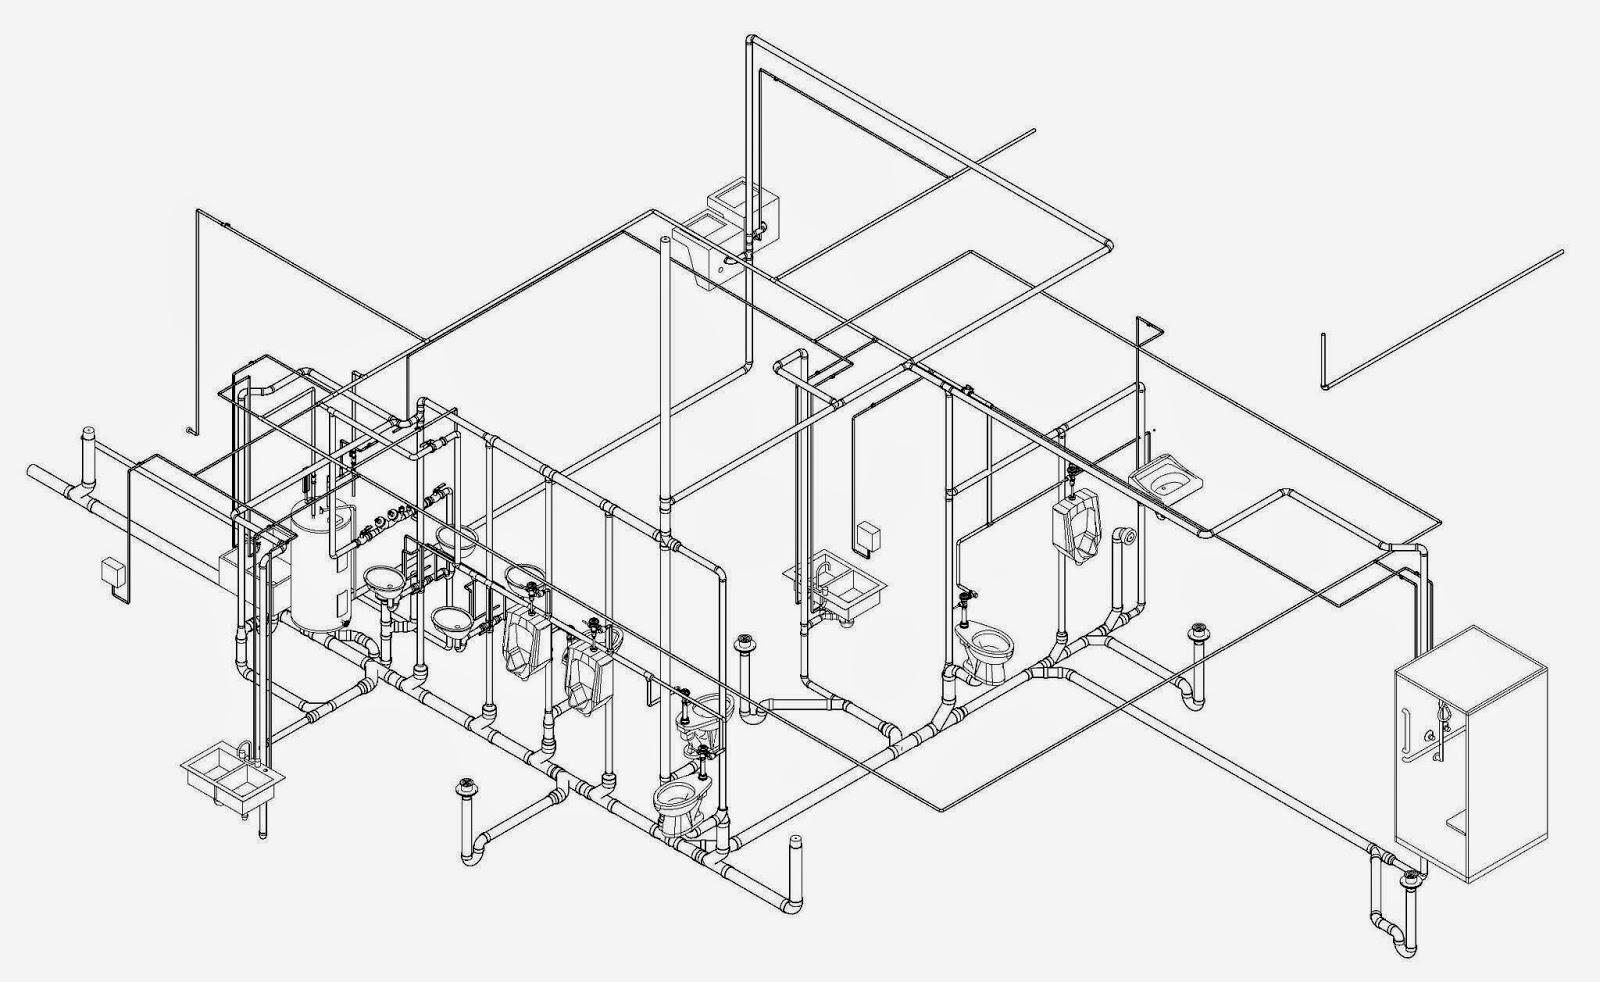 Plumbing Contractor Los Angeles Isometric Plumbing Sketch